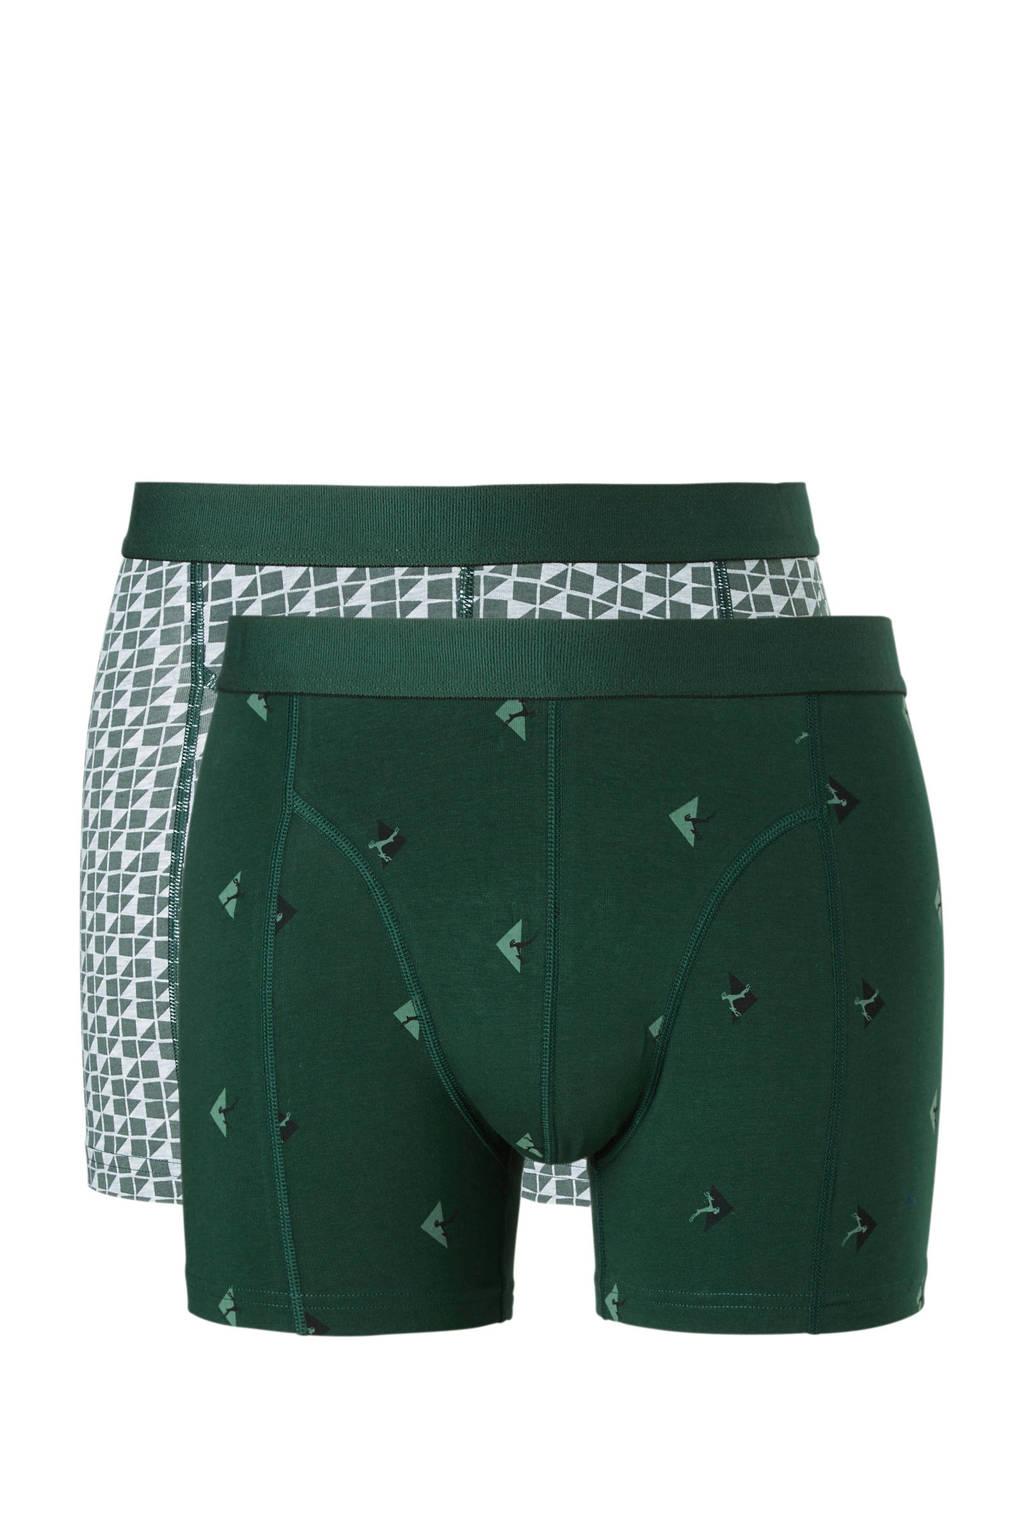 ten Cate boxershort (set van 2), Groen/grijs